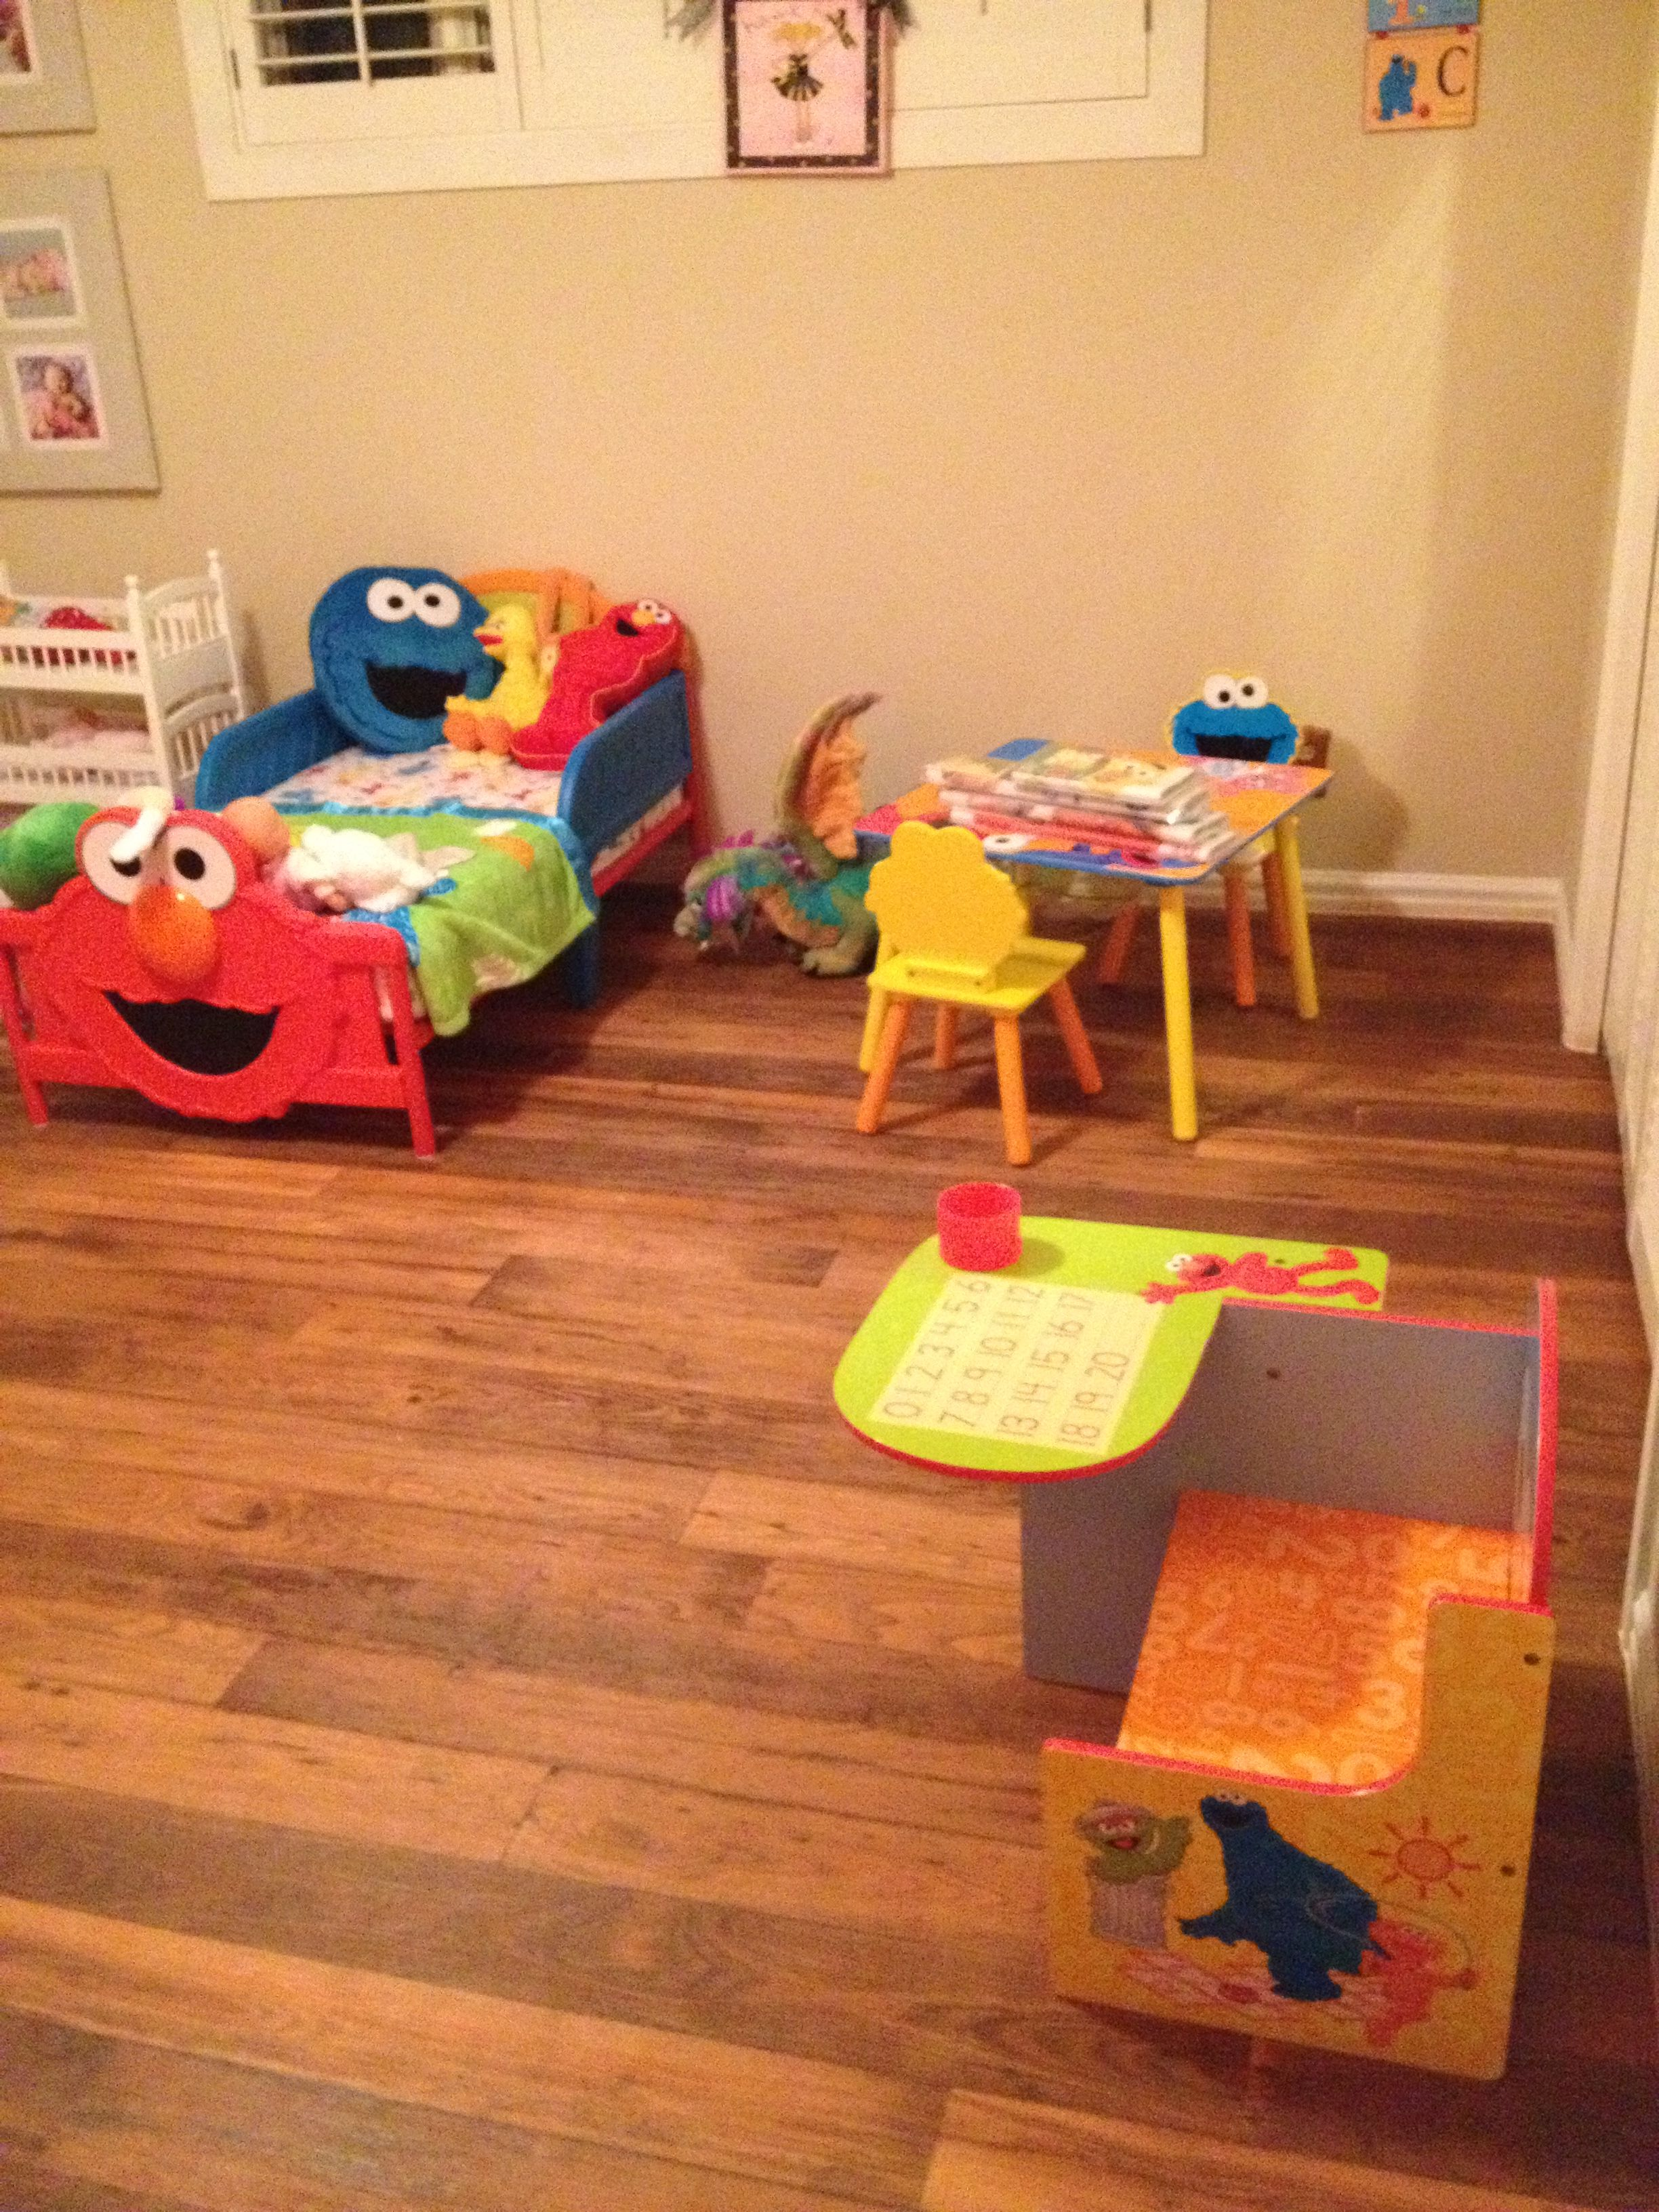 Sesame Street Toddler Bedroom Furniture With Images Sesame